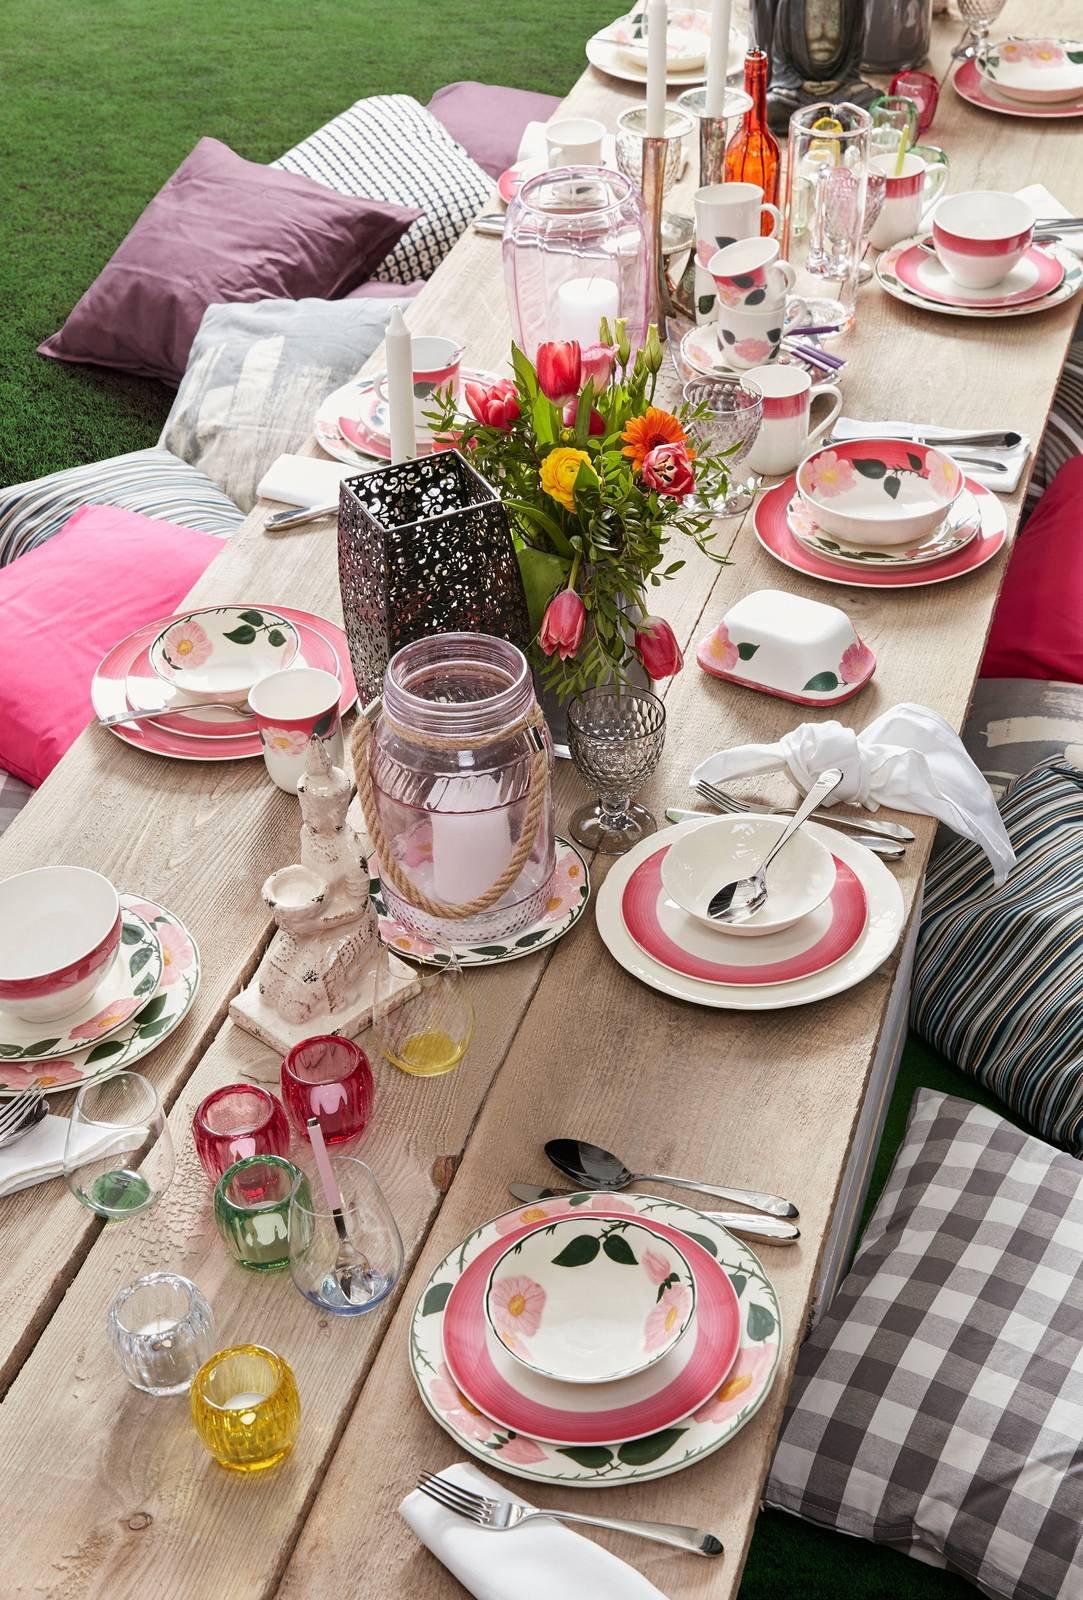 Apparecchiare Tavola In Terrazza 12 servizi di piatti per la tavola di primavera. foto e